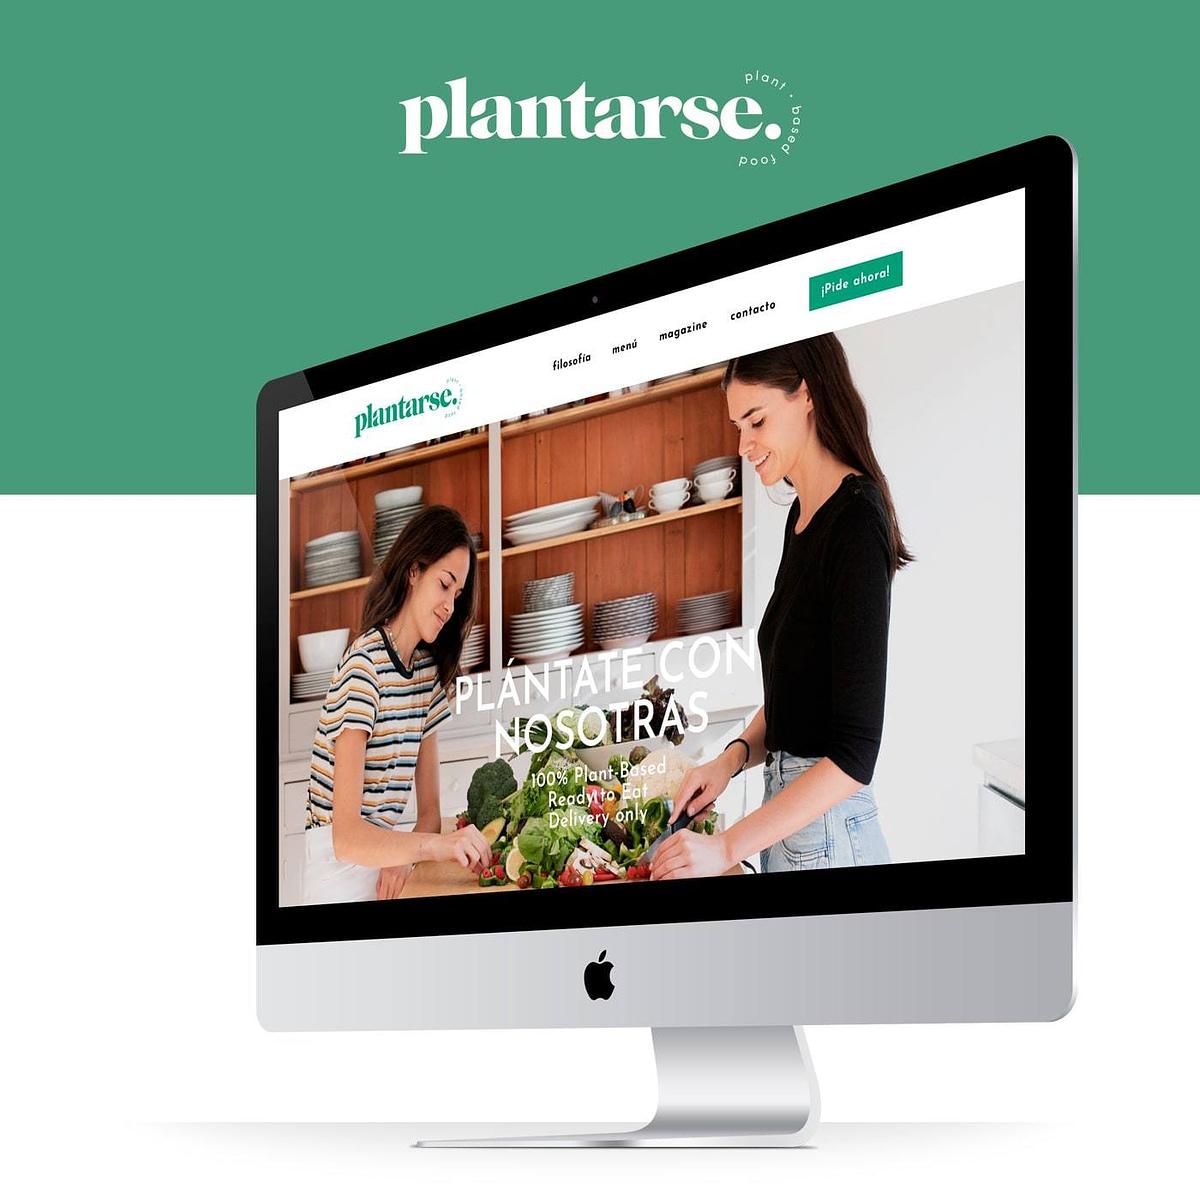 diseño web portada de la web de Plantarse